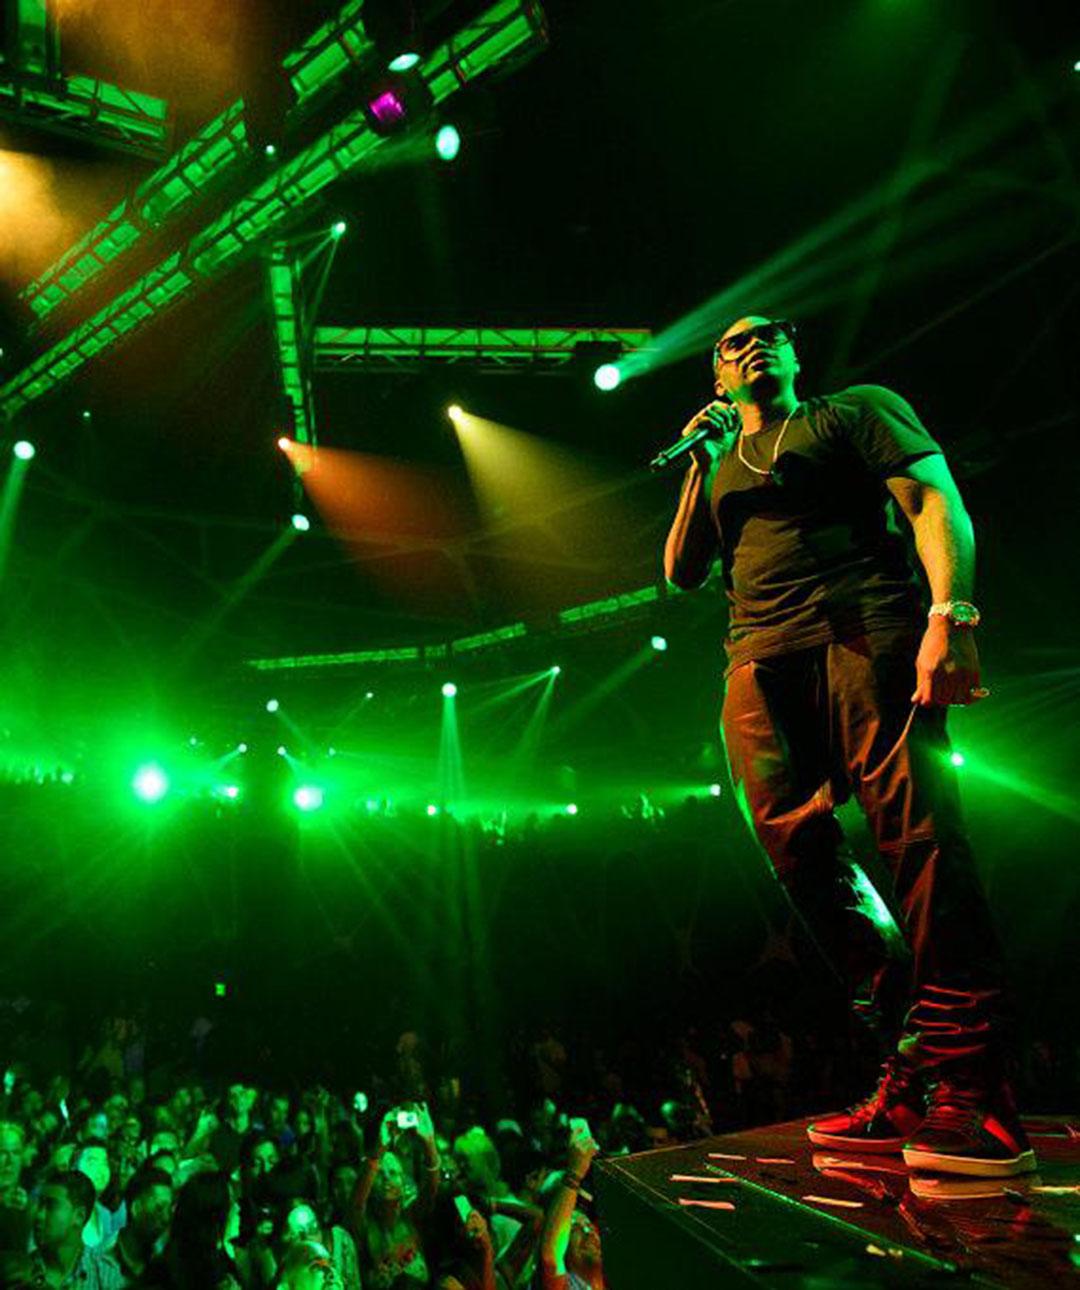 Nas_Performance-Crowd-Shot_Hakkasan-Las-Vegas-1080